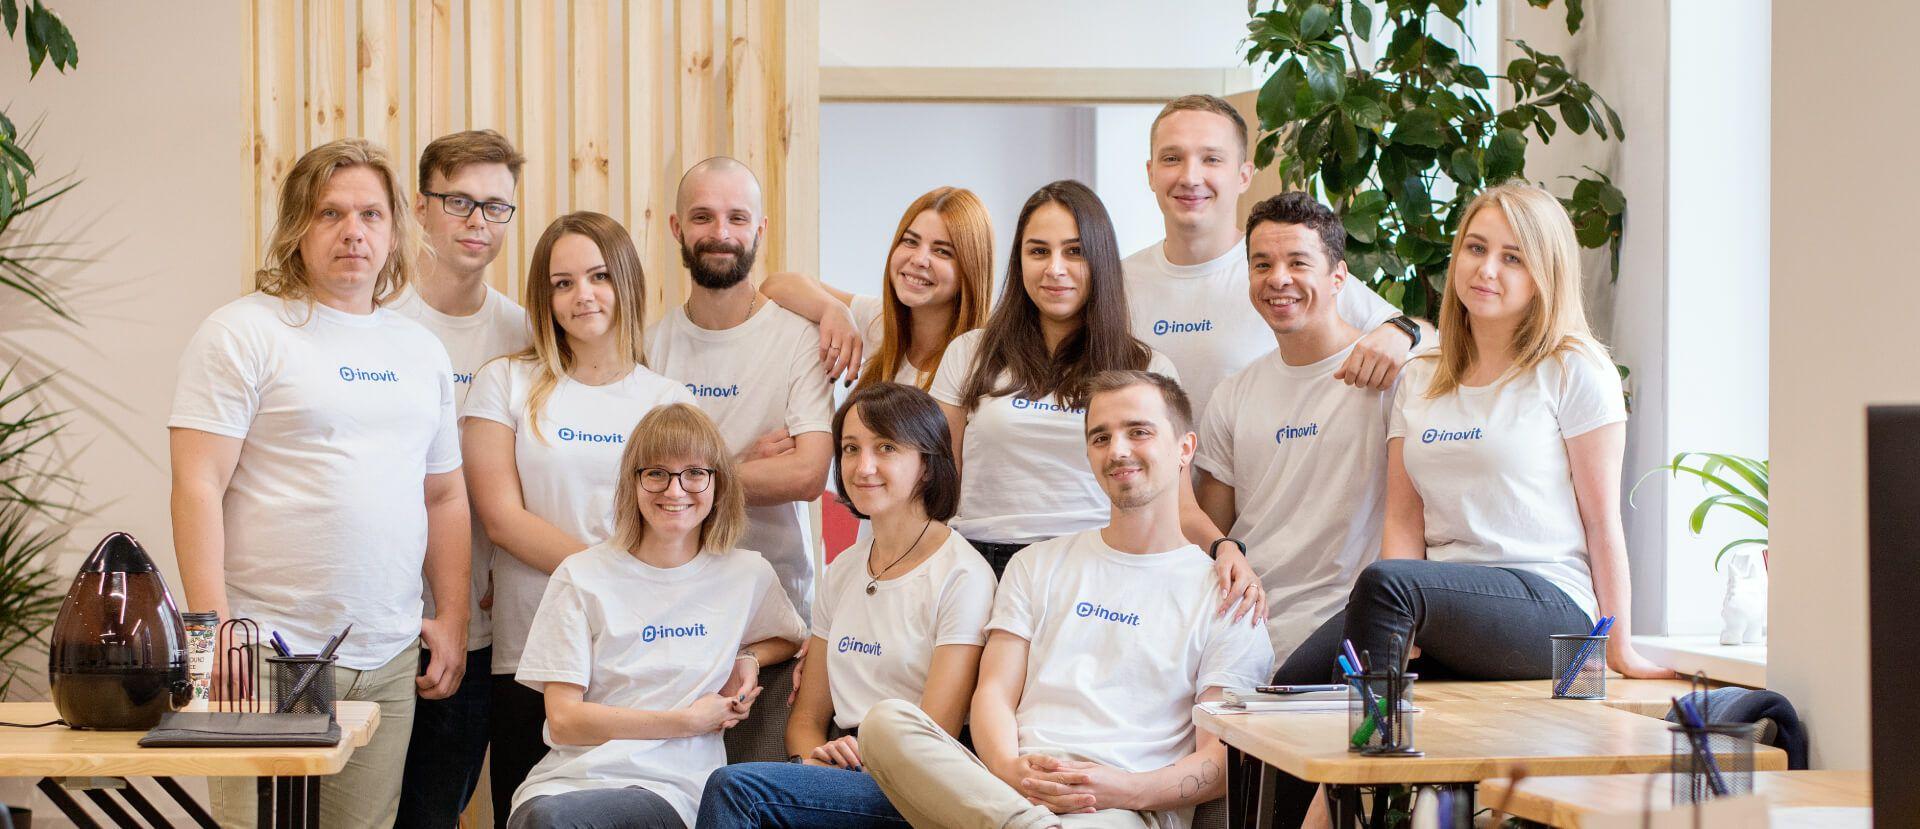 team Inovit agency